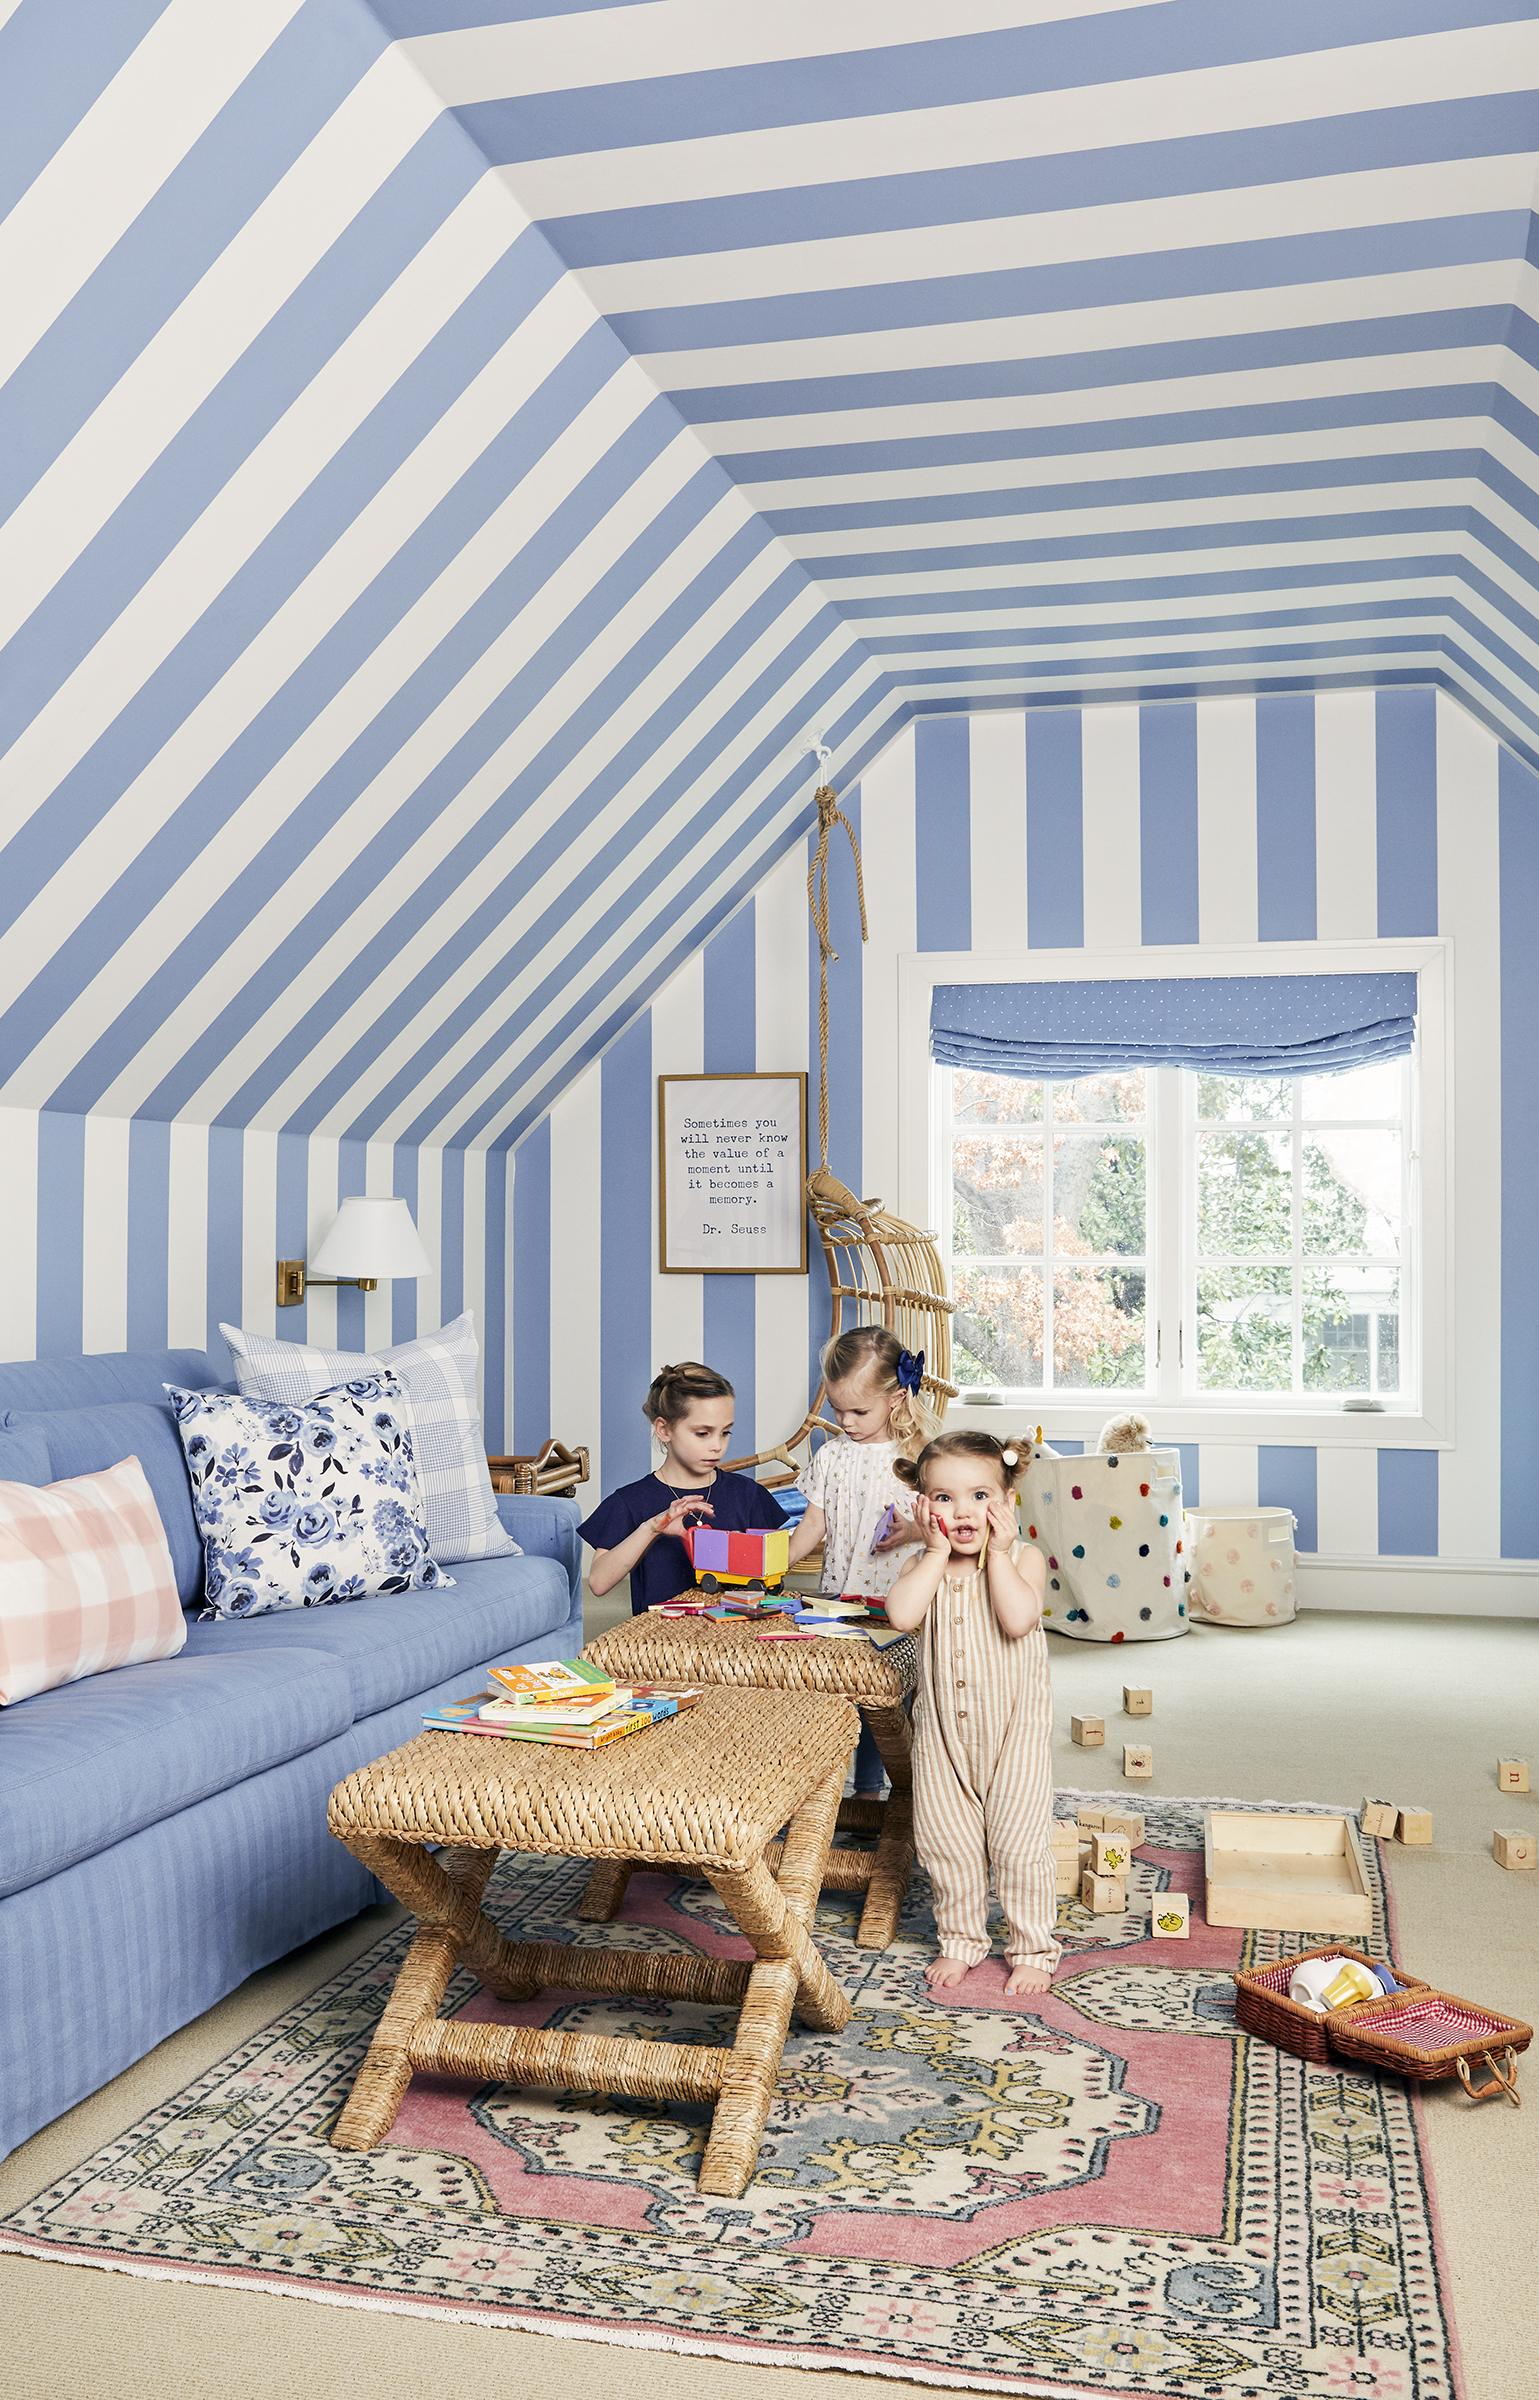 Beach Pretty House Style-Caitlin Wilson Designs 11.jpg